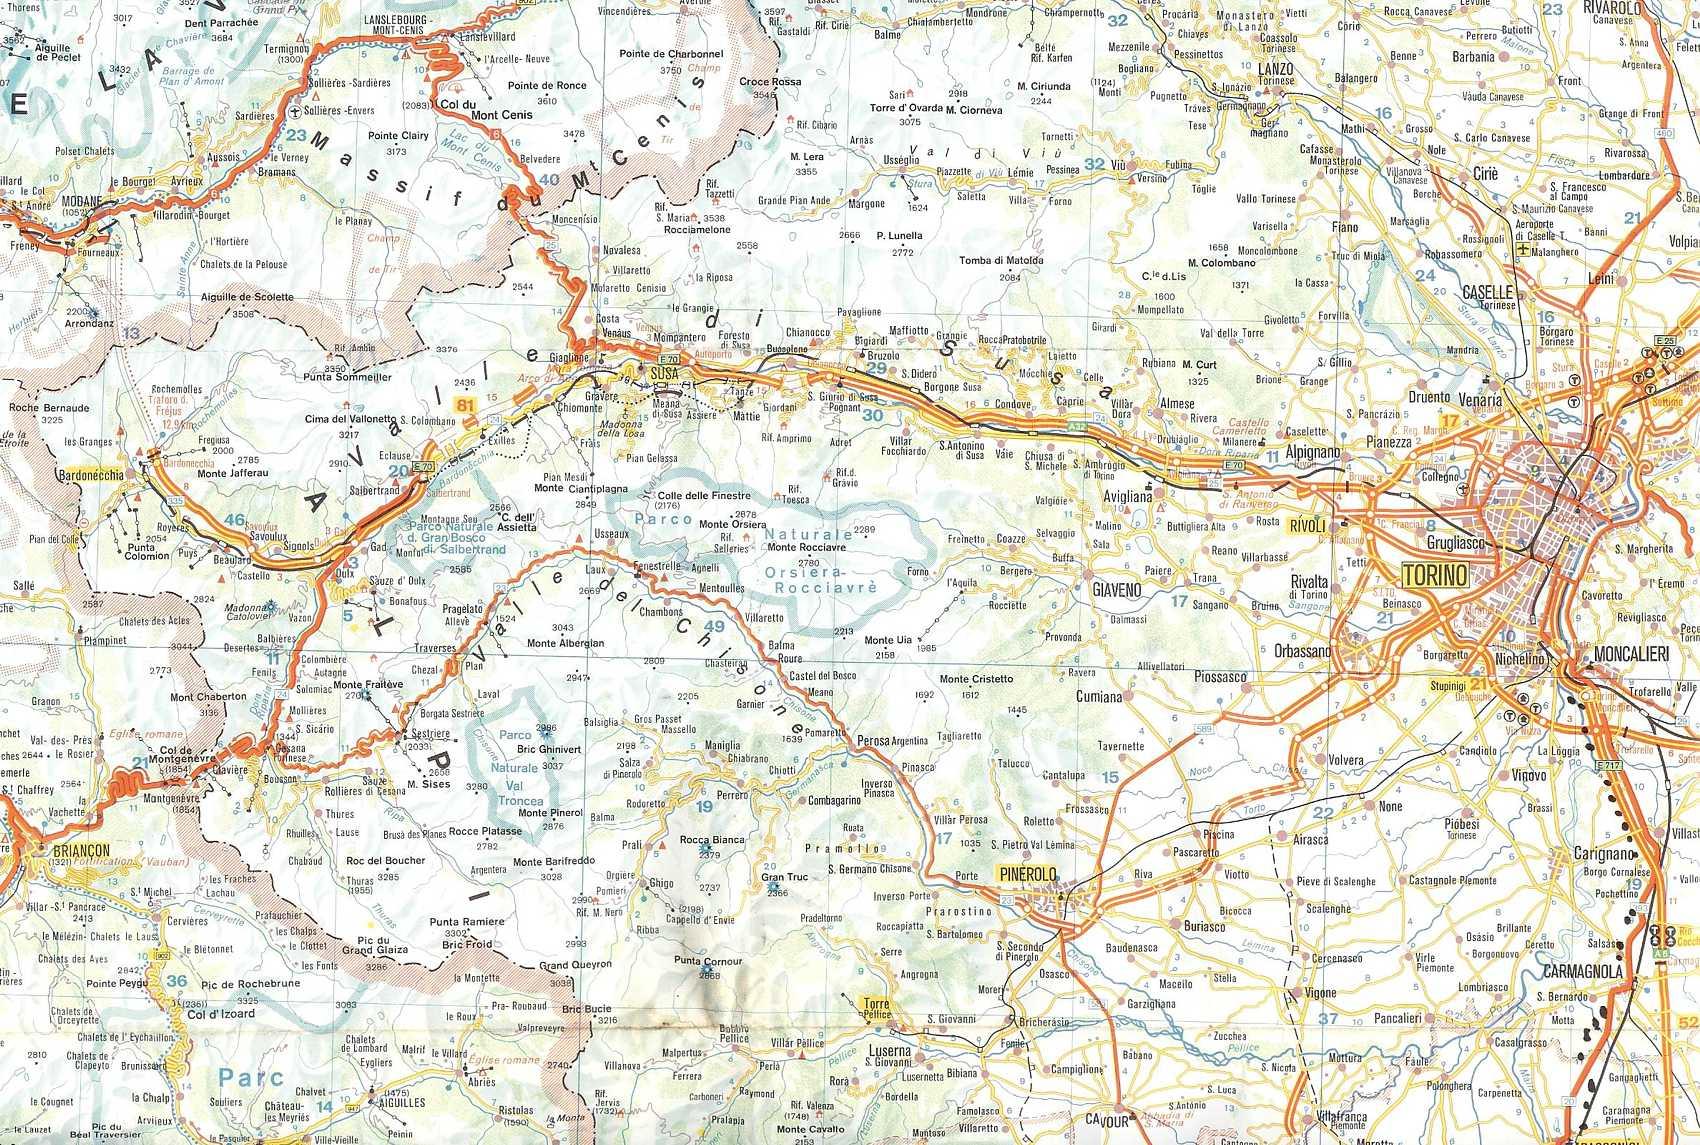 Bardonecchia Cartina Geografica.Bed And Breakfast L Archivolto Mappa Stradale